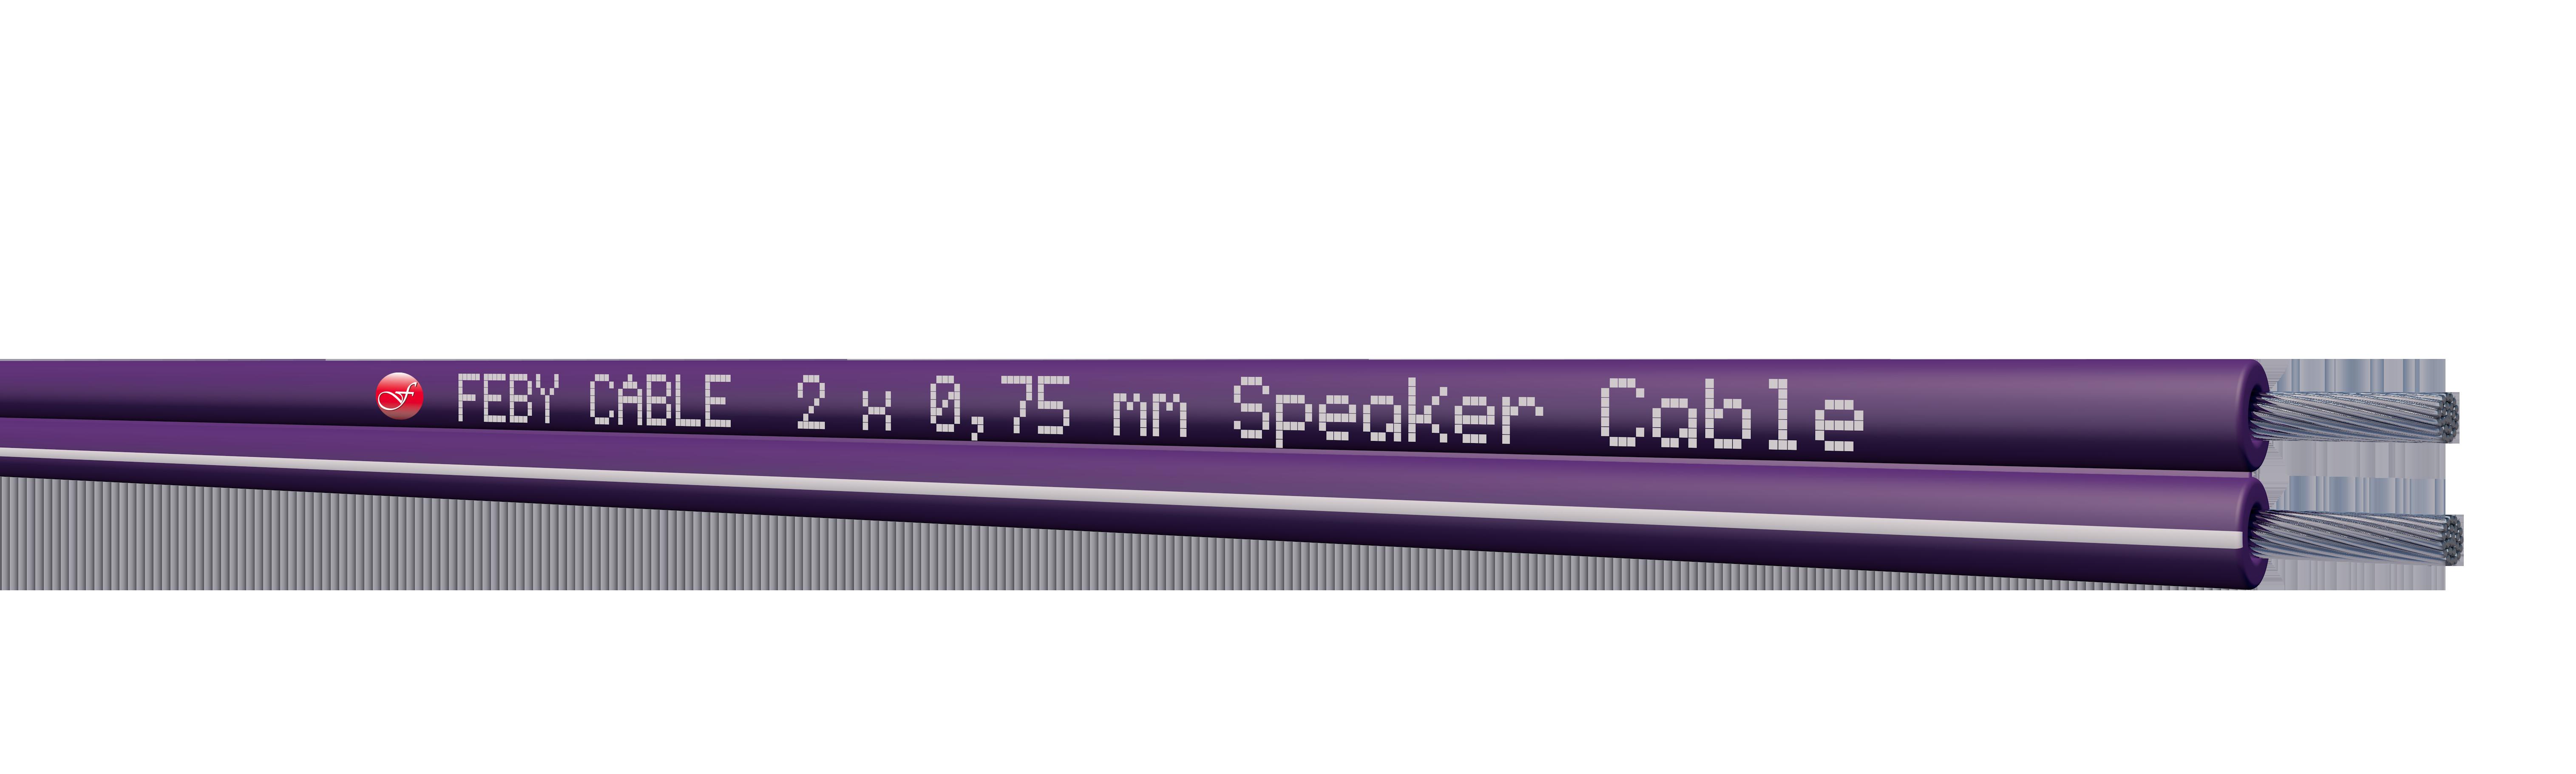 Ülkü Kablo 2x0,75 mm² Hoparlör Kablosu